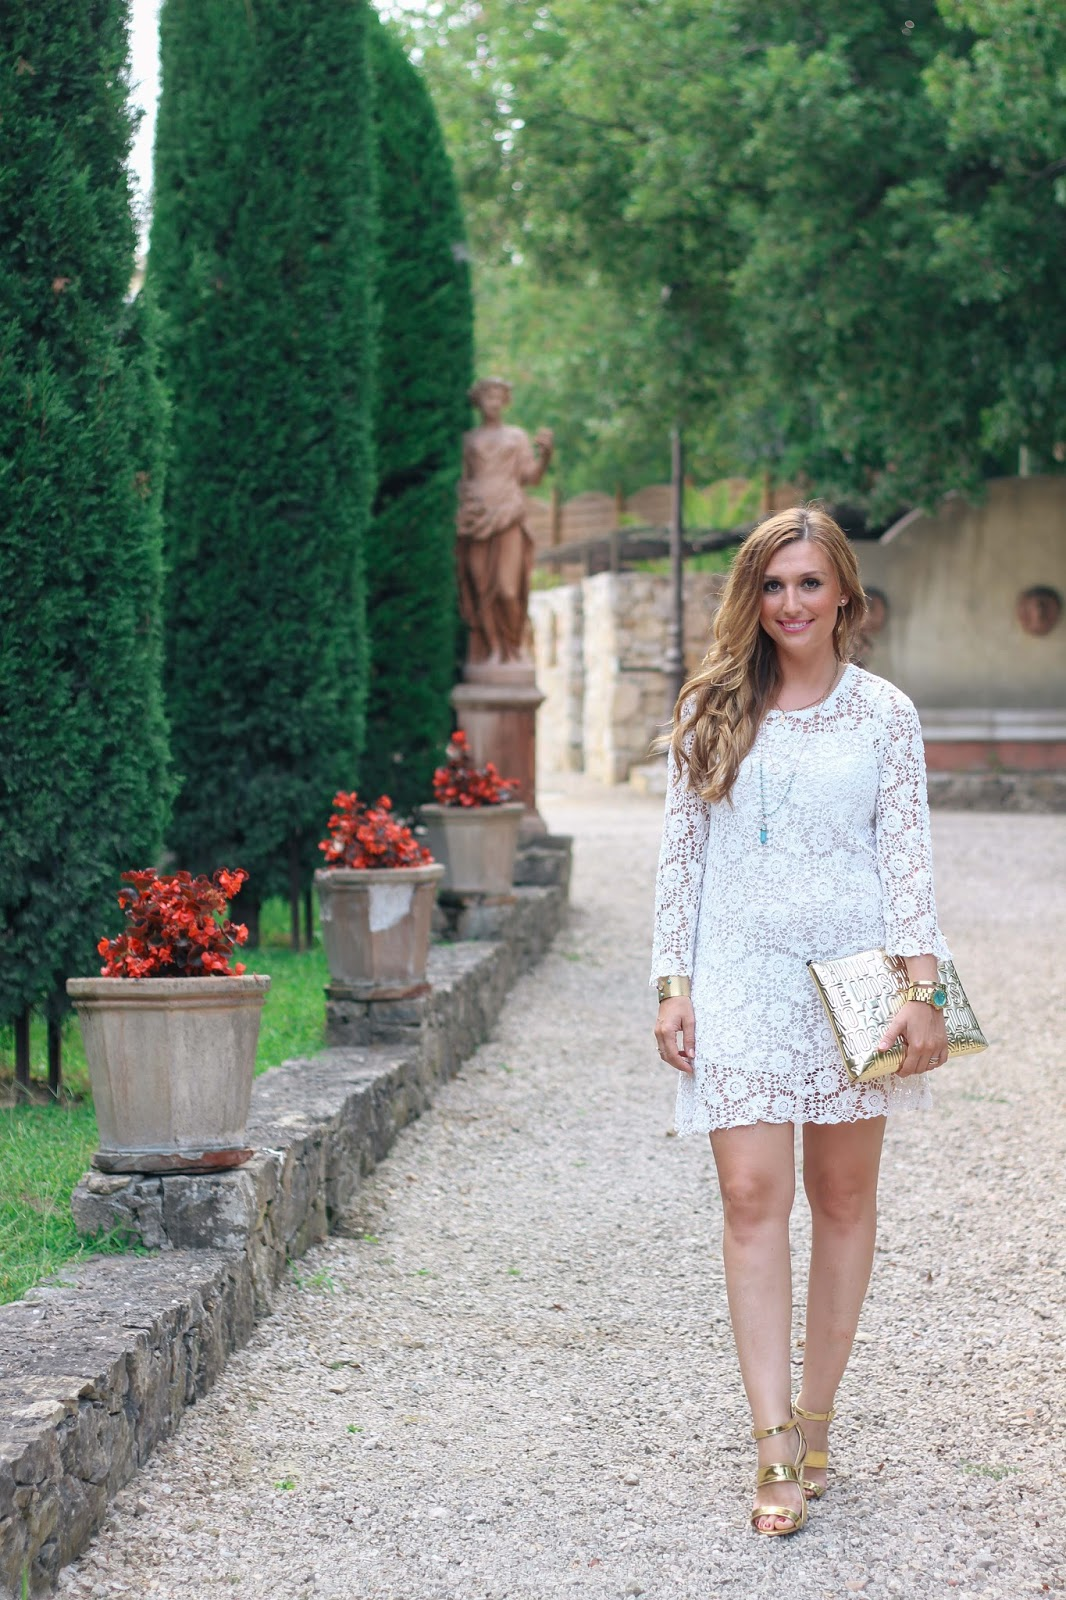 blogger-aus-deutschland-frankfurt-blogger-Fashionstylebyjohanna-sommer-weißes-kleid-spitzenkleid-zara-goldene-high-heels